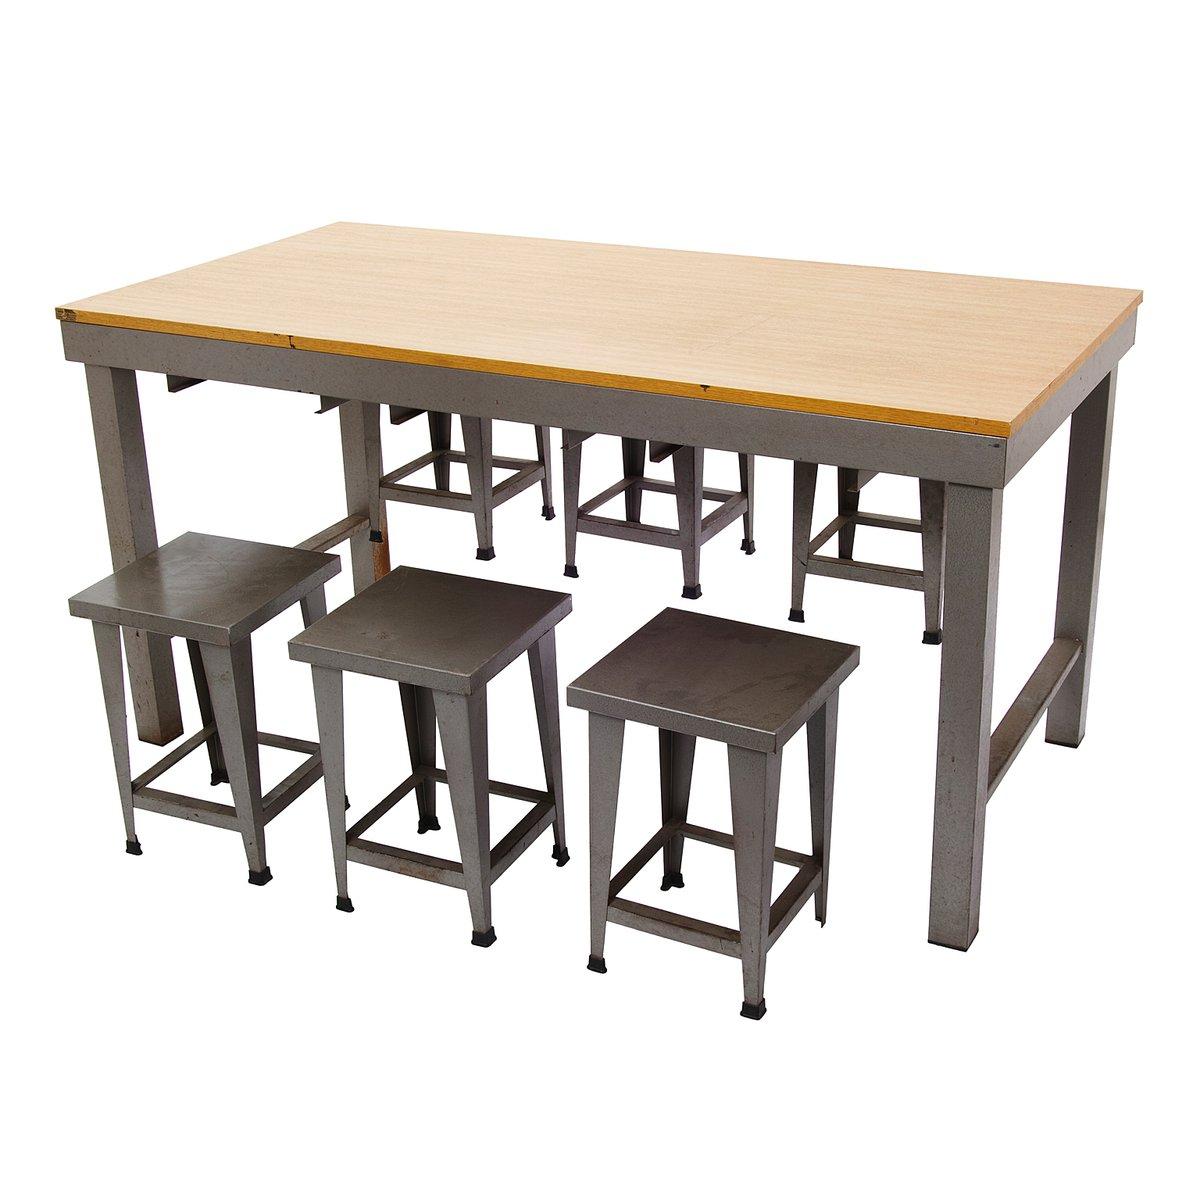 Vintage tisch mit hockern im industriellen stil bei pamono for Vintage tisch